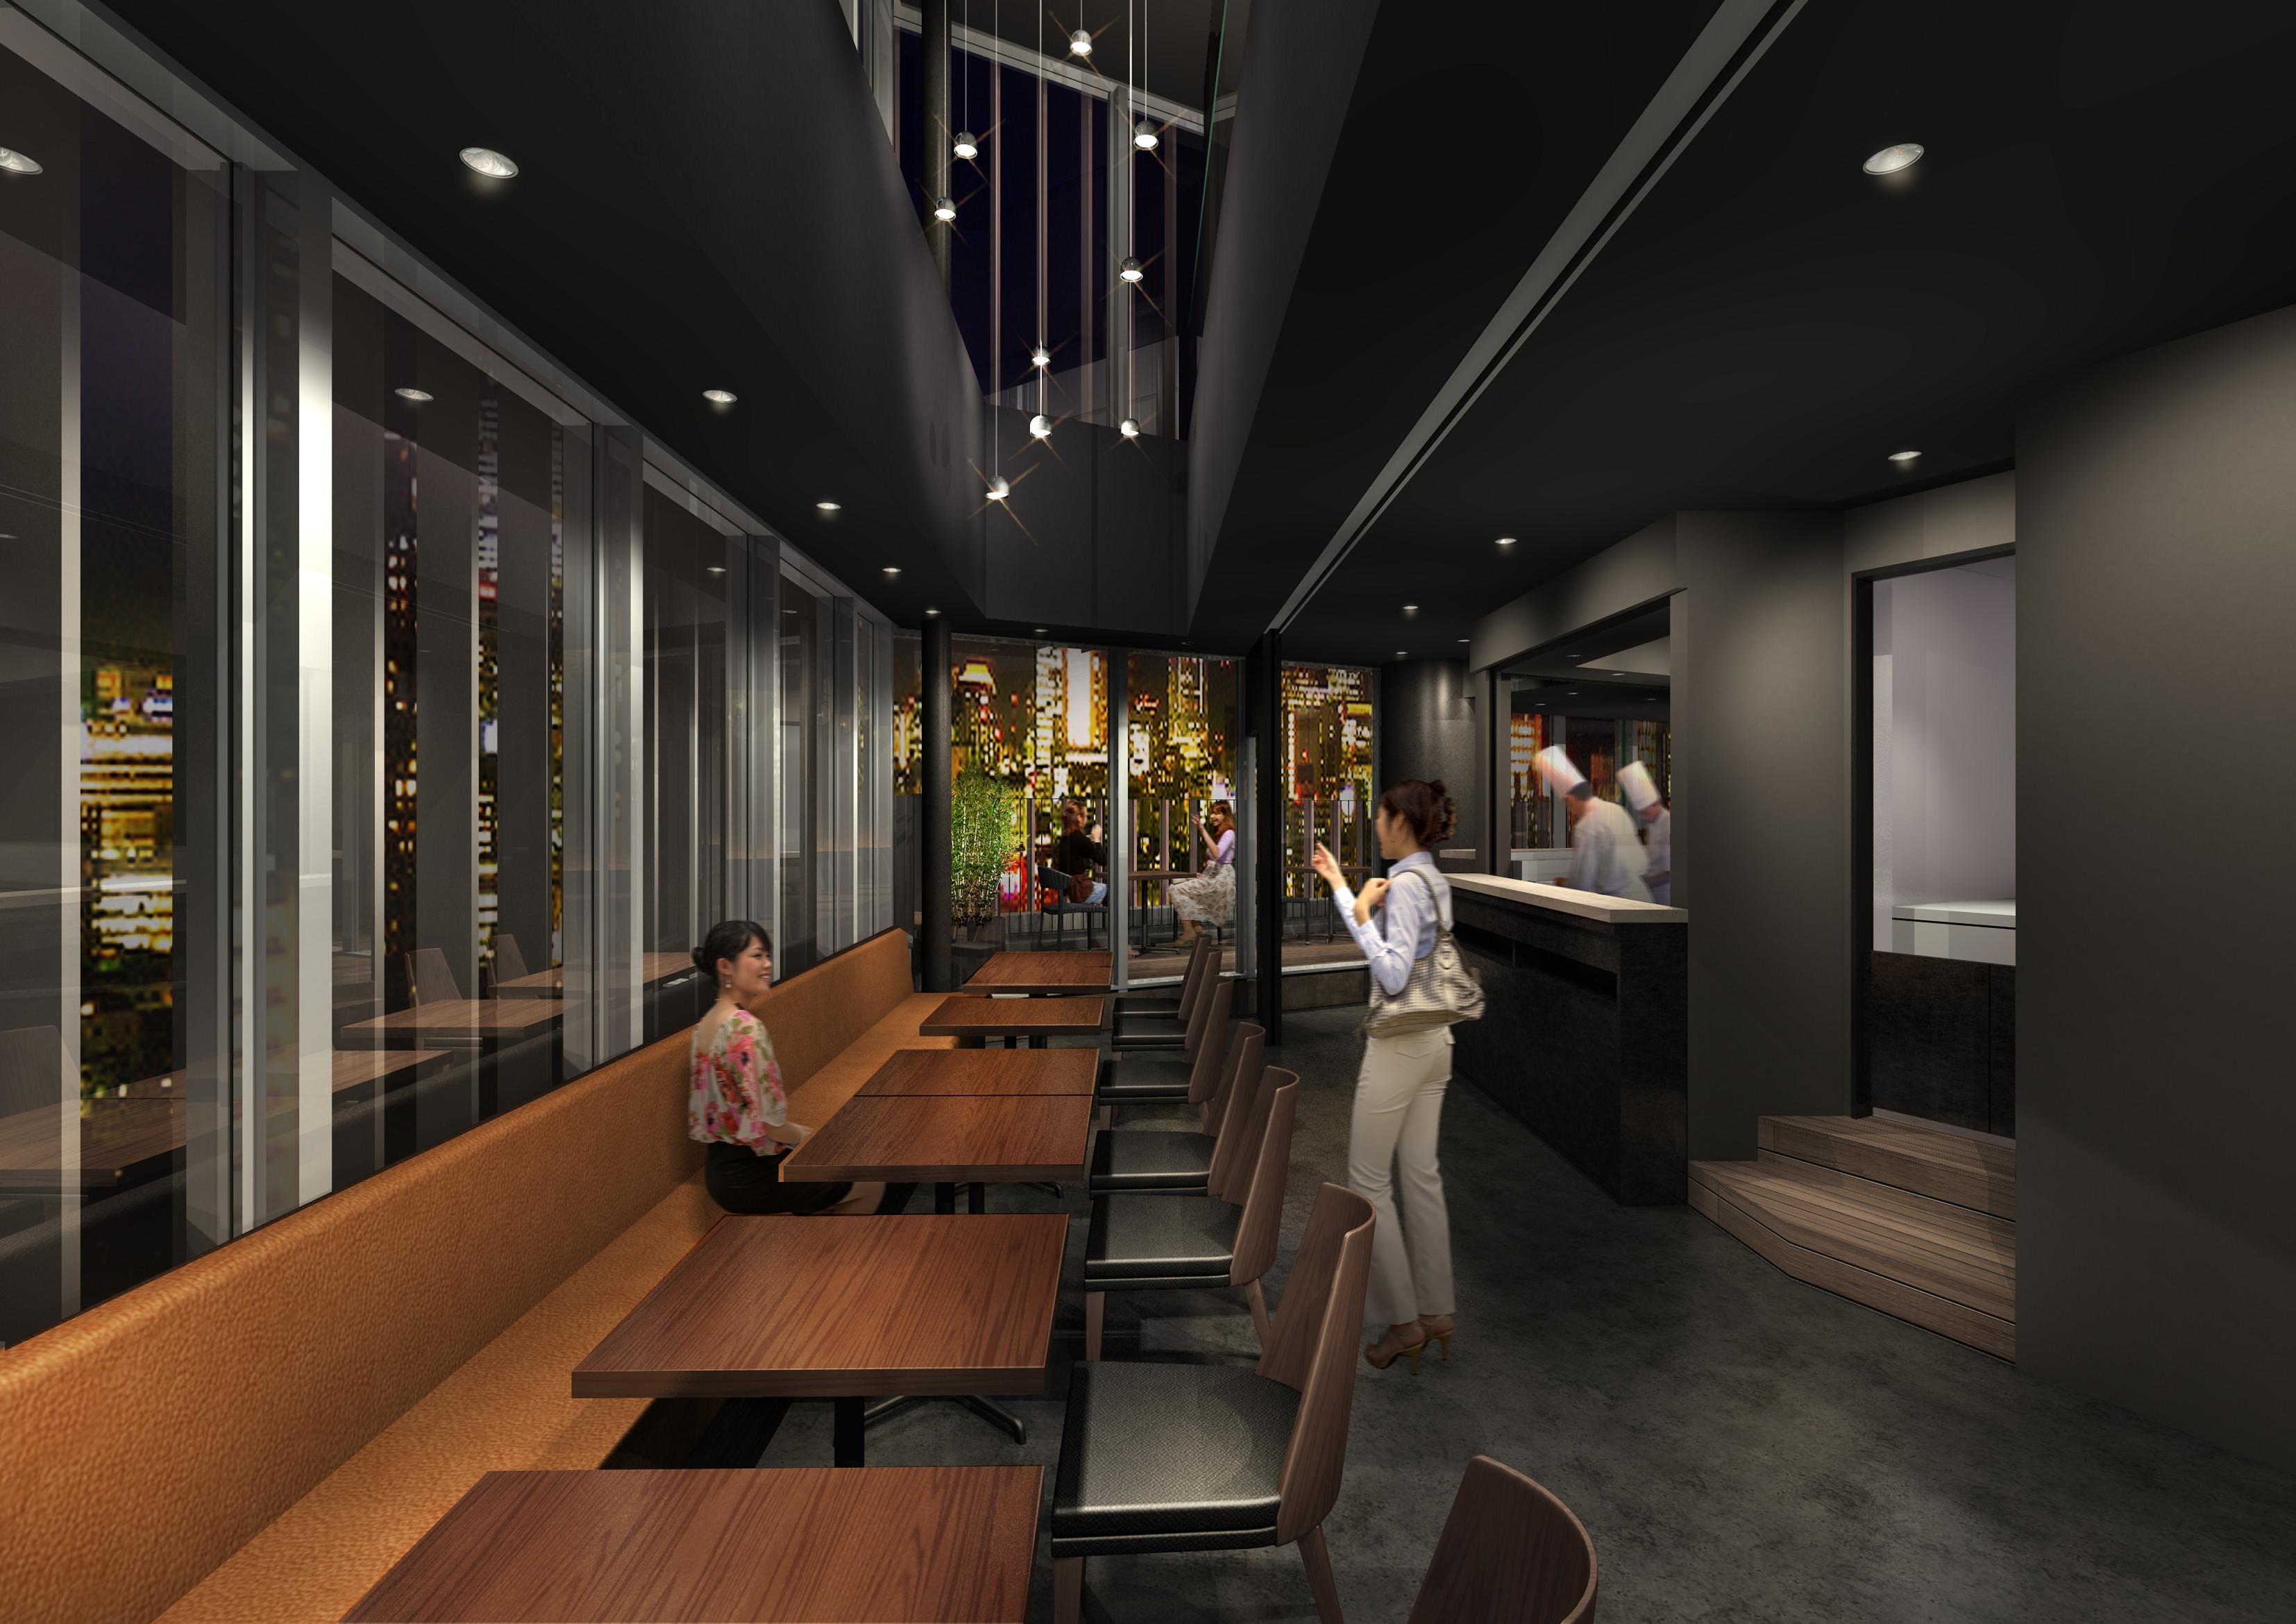 キュープラザ原宿に新業態ステーキ店SIXMARS Steak&Barオープン1